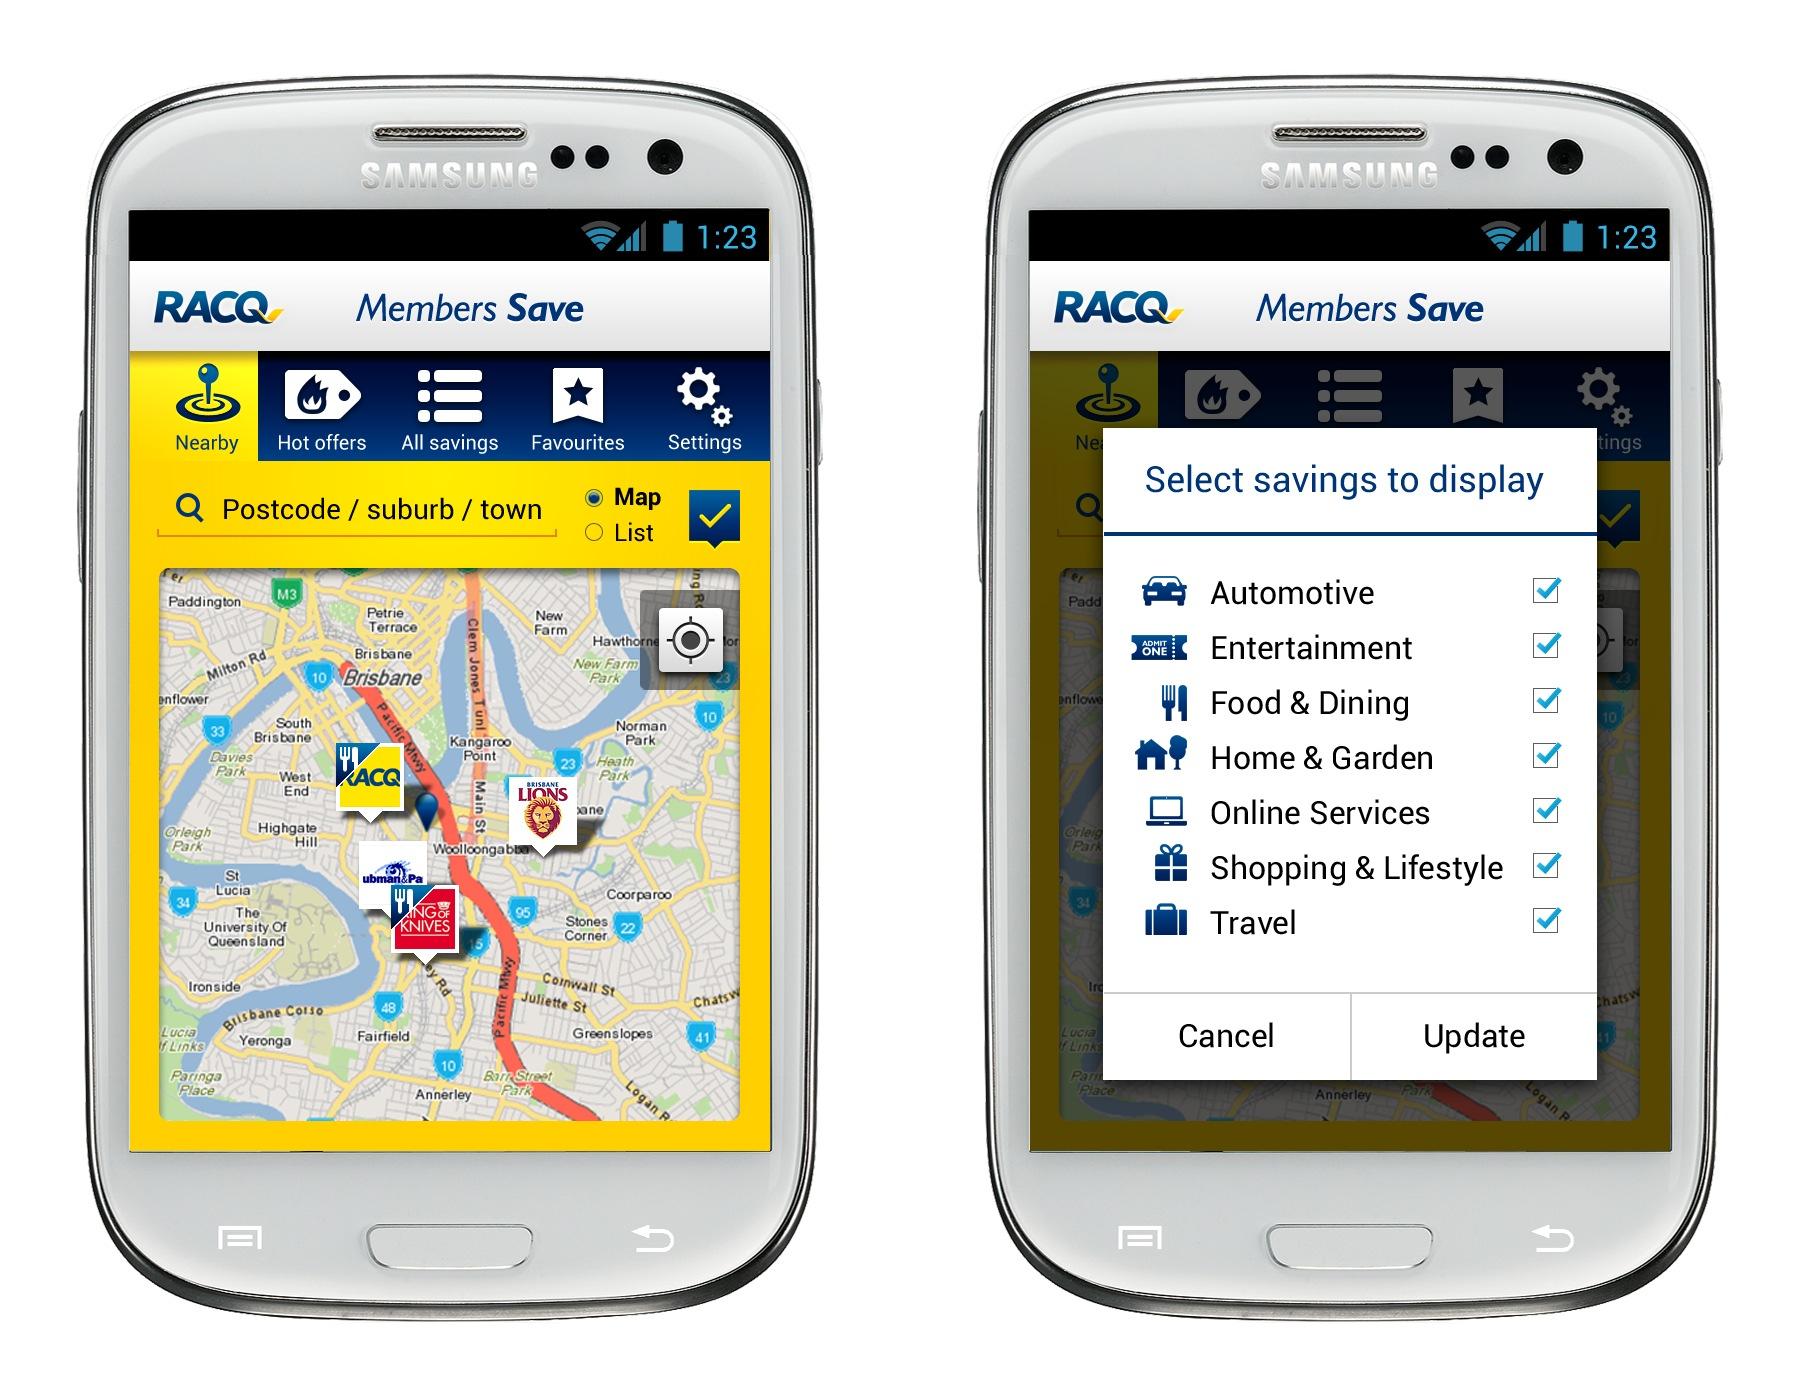 2013-03-Dining-rewards-mobile-app-UI-member-save-android-v01-01.jpg